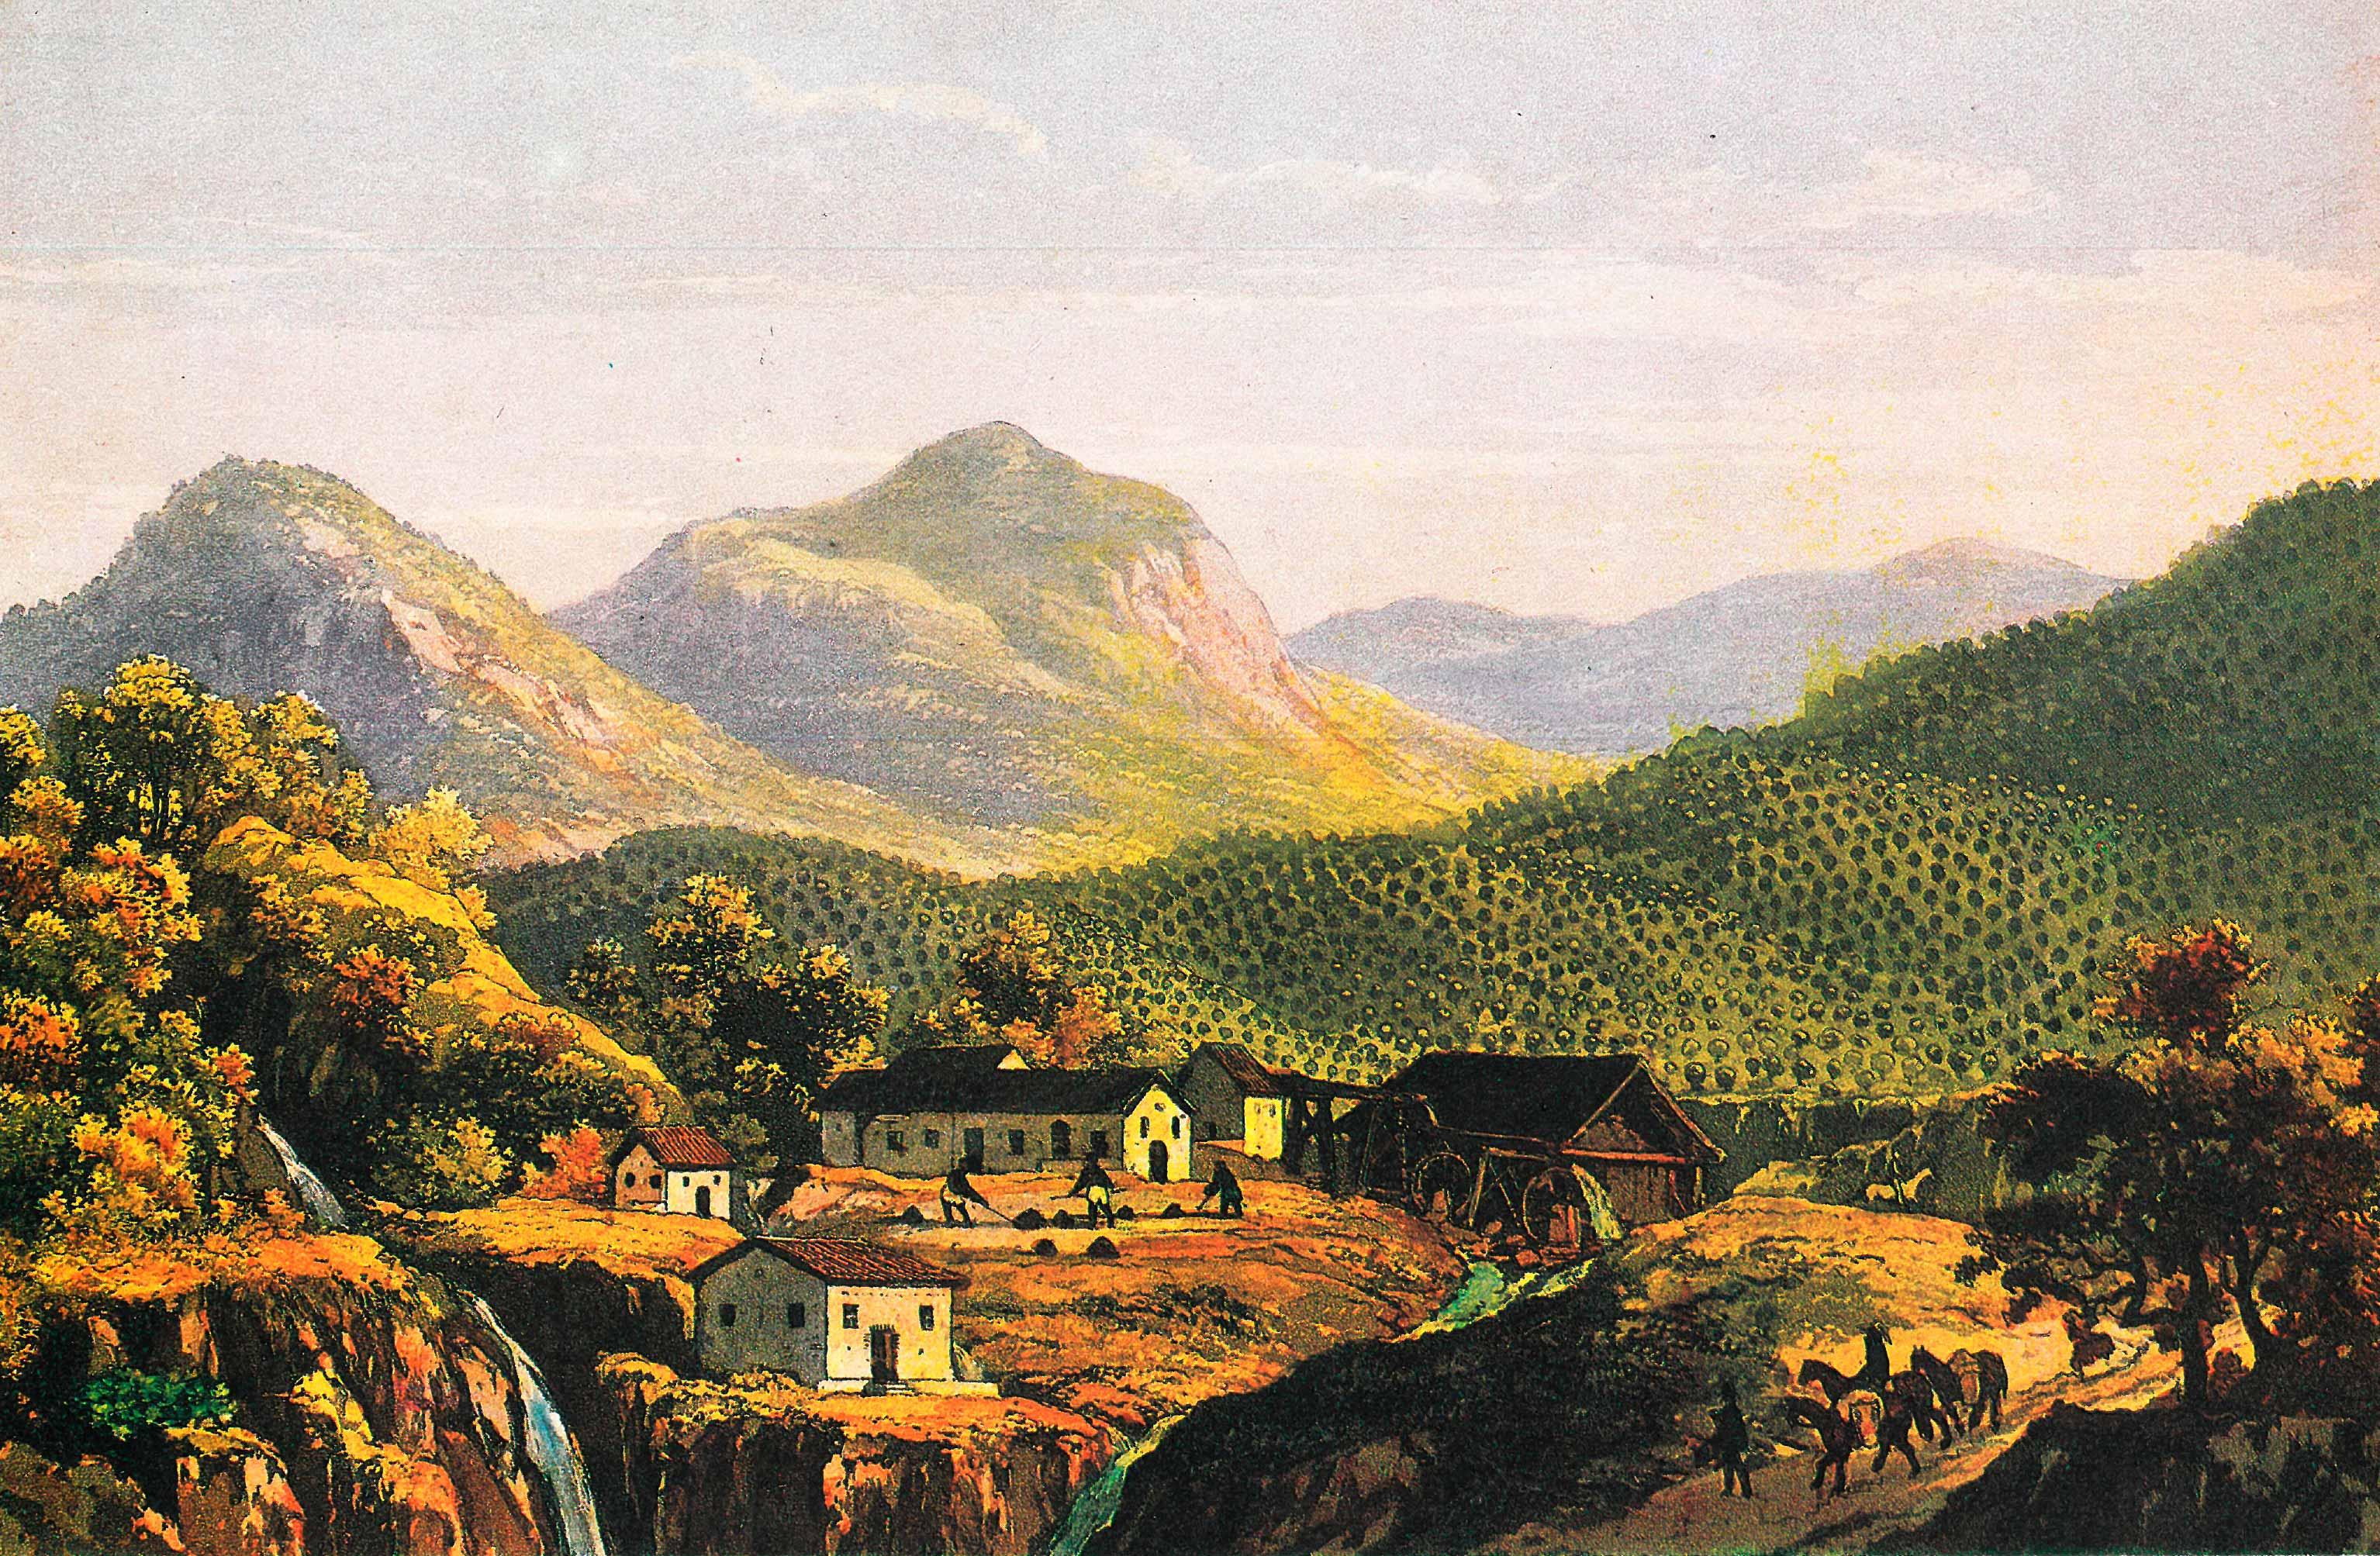 (2) Plantação de café. Johann Jacob Steinmann <br> Acervo da Fundação Biblioteca Nacional - Brasil